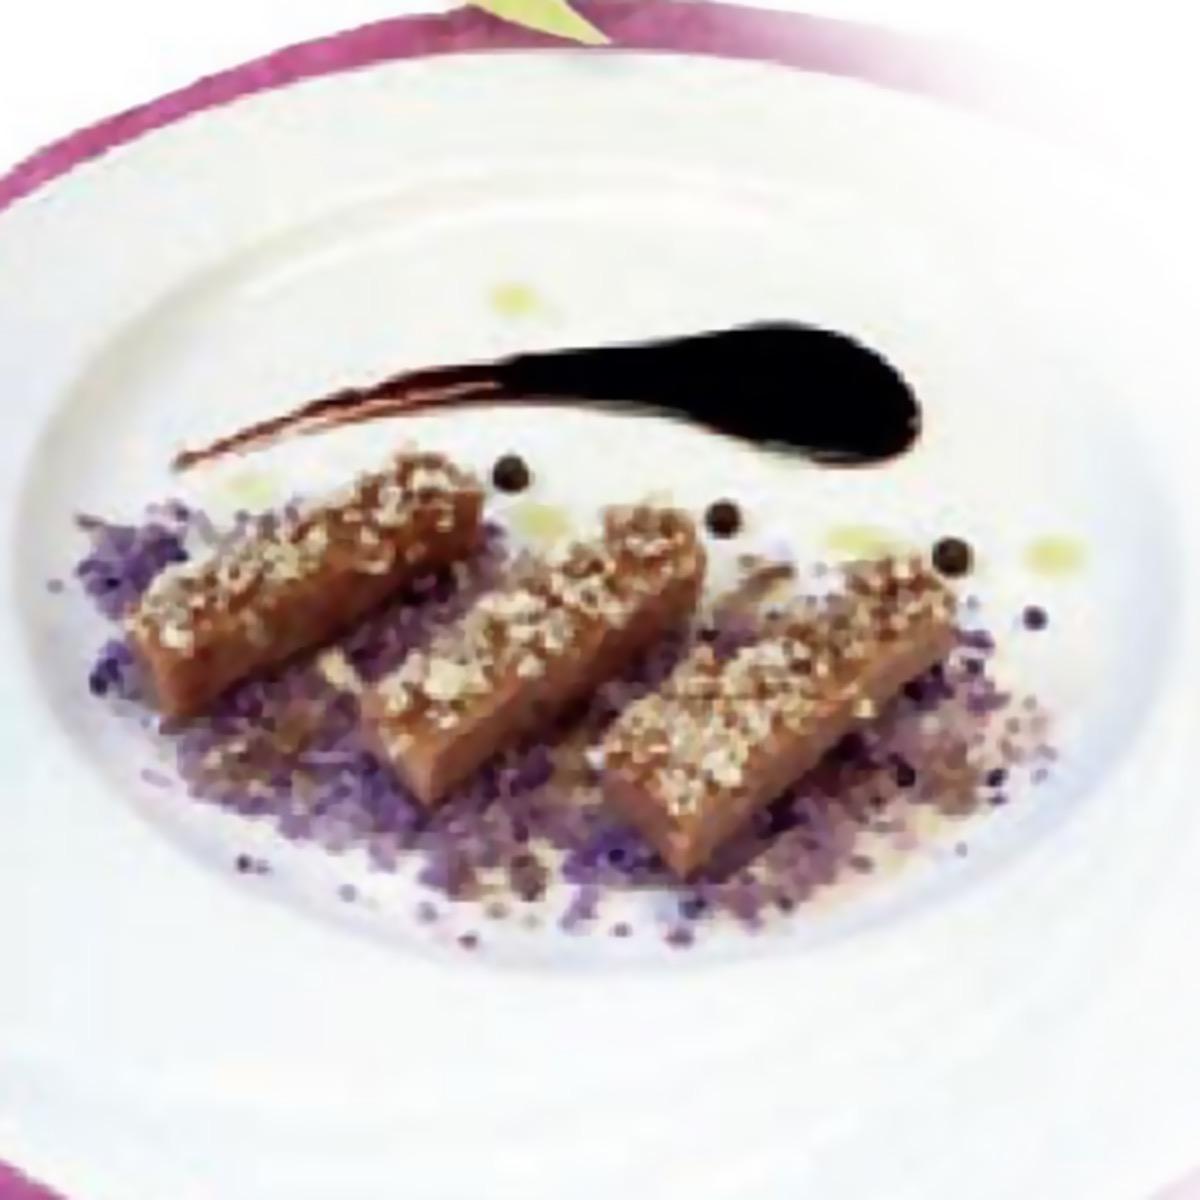 Tegolino con Cotechino Modena IGP con cioccolato fondente e cannella